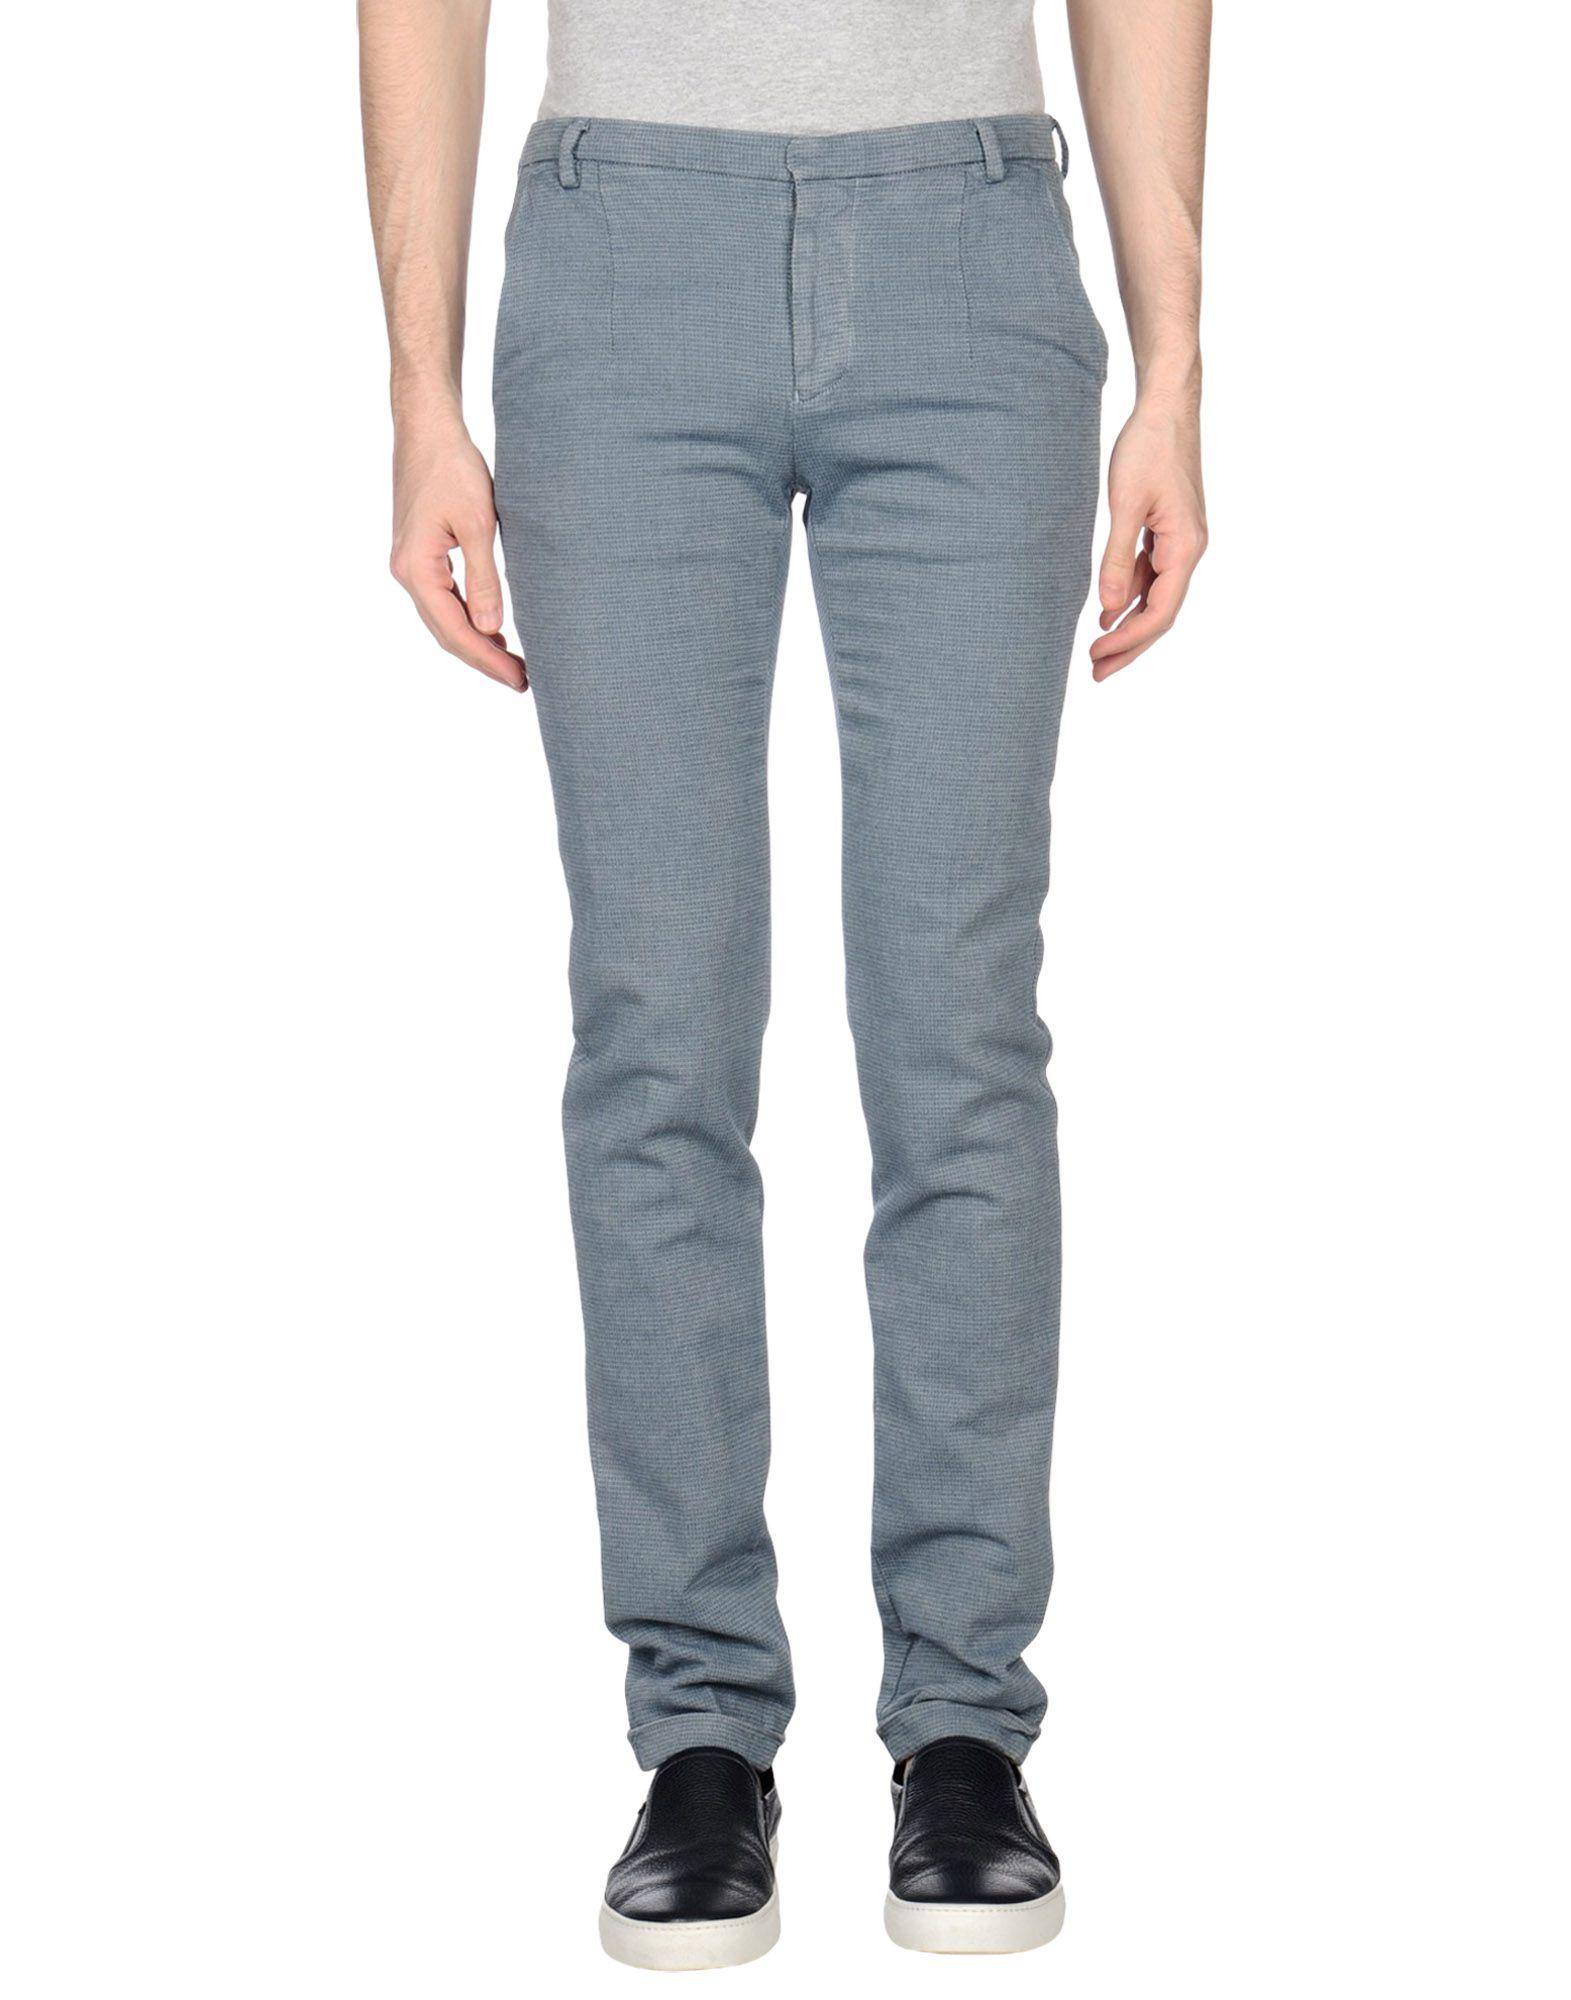 MASON'S Повседневные брюки брюки для беременных topshop 4 22